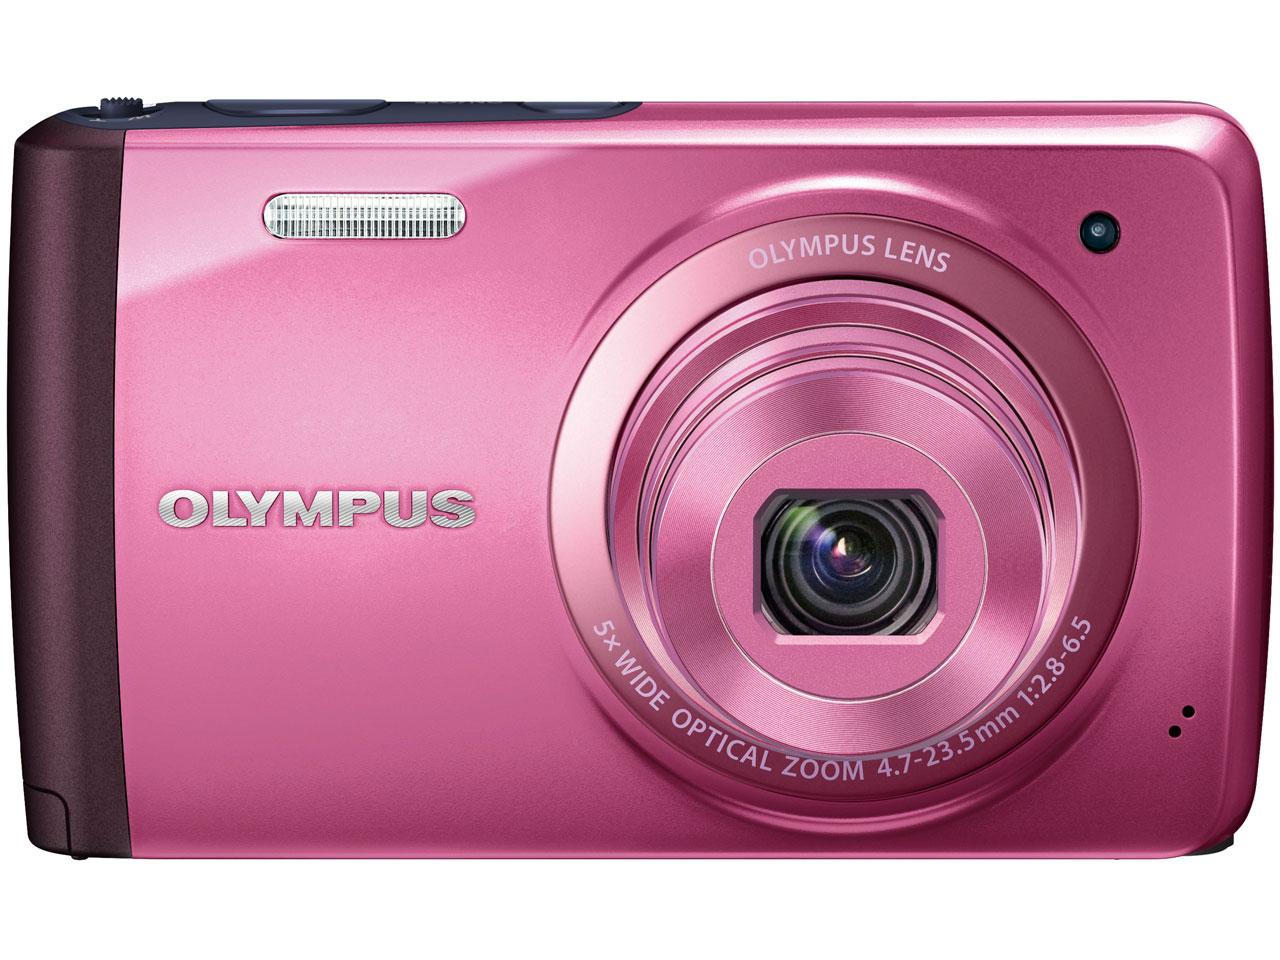 OLYMPUS STYLUS VH-410 [ピンク] の製品画像